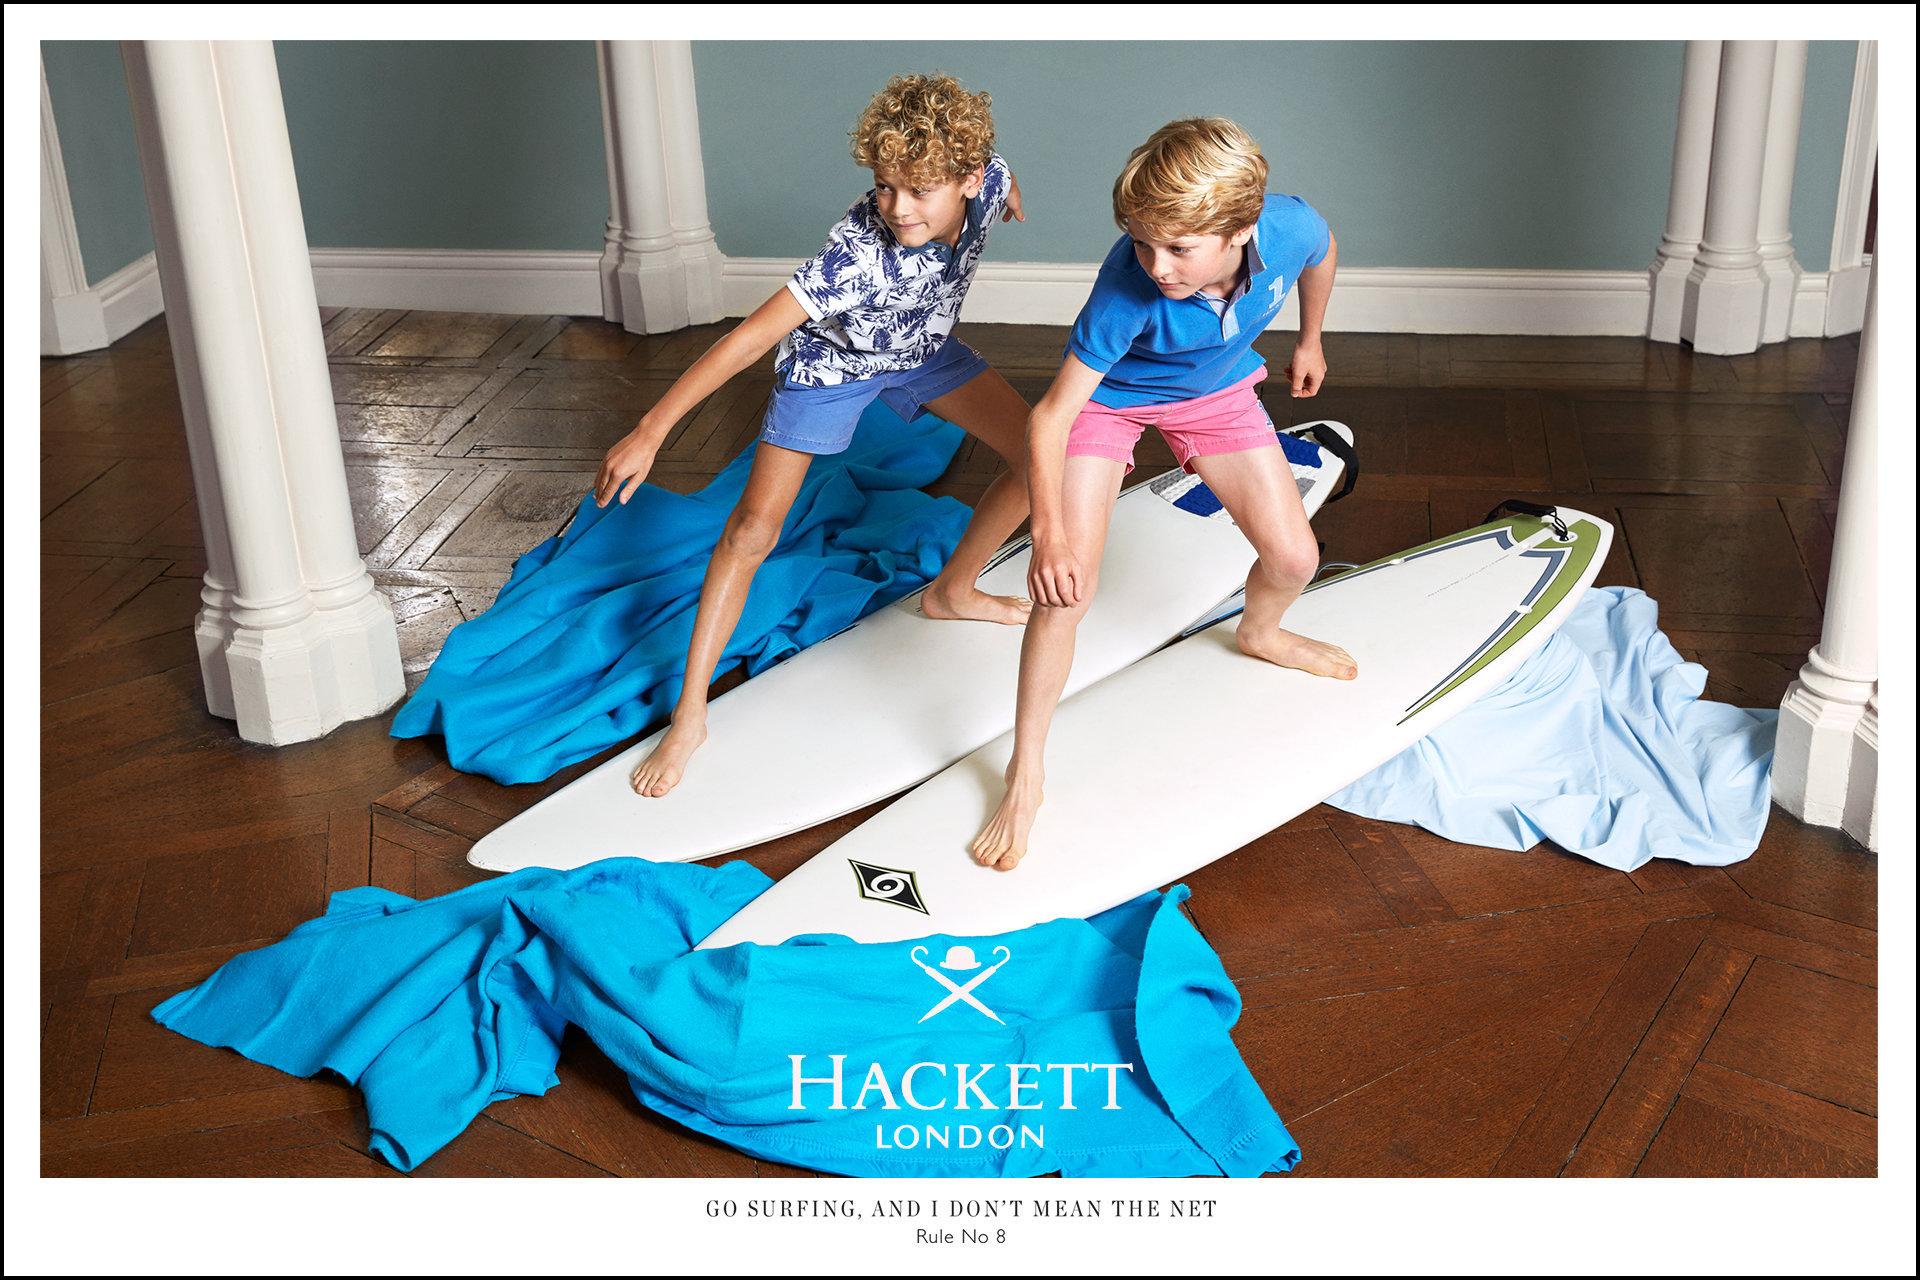 hackett_aw14_rule_landscape2-1.jpg